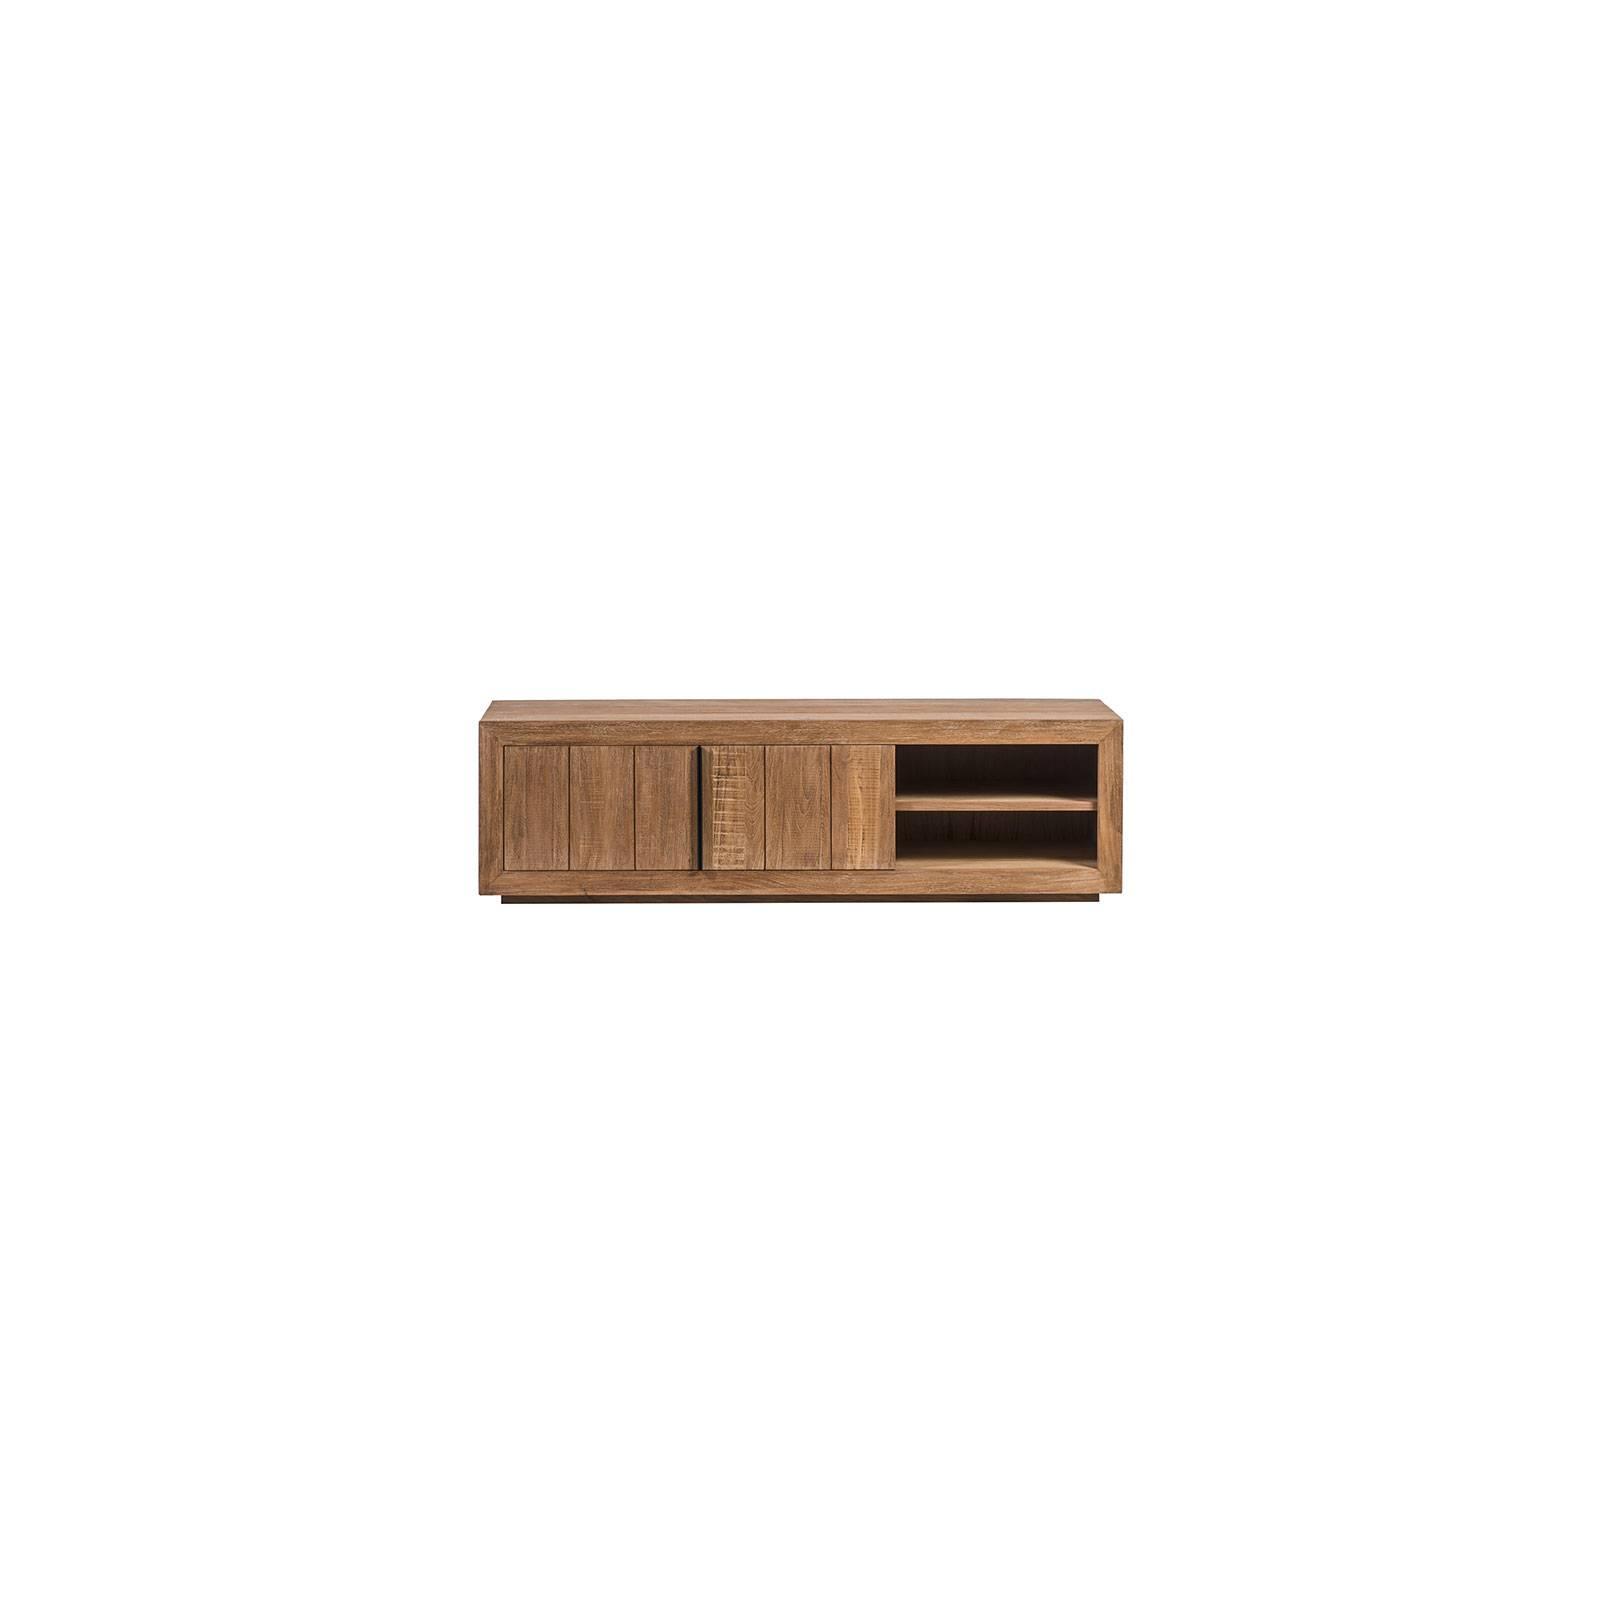 Meuble TV haut de gamme en bois massif design ethnique